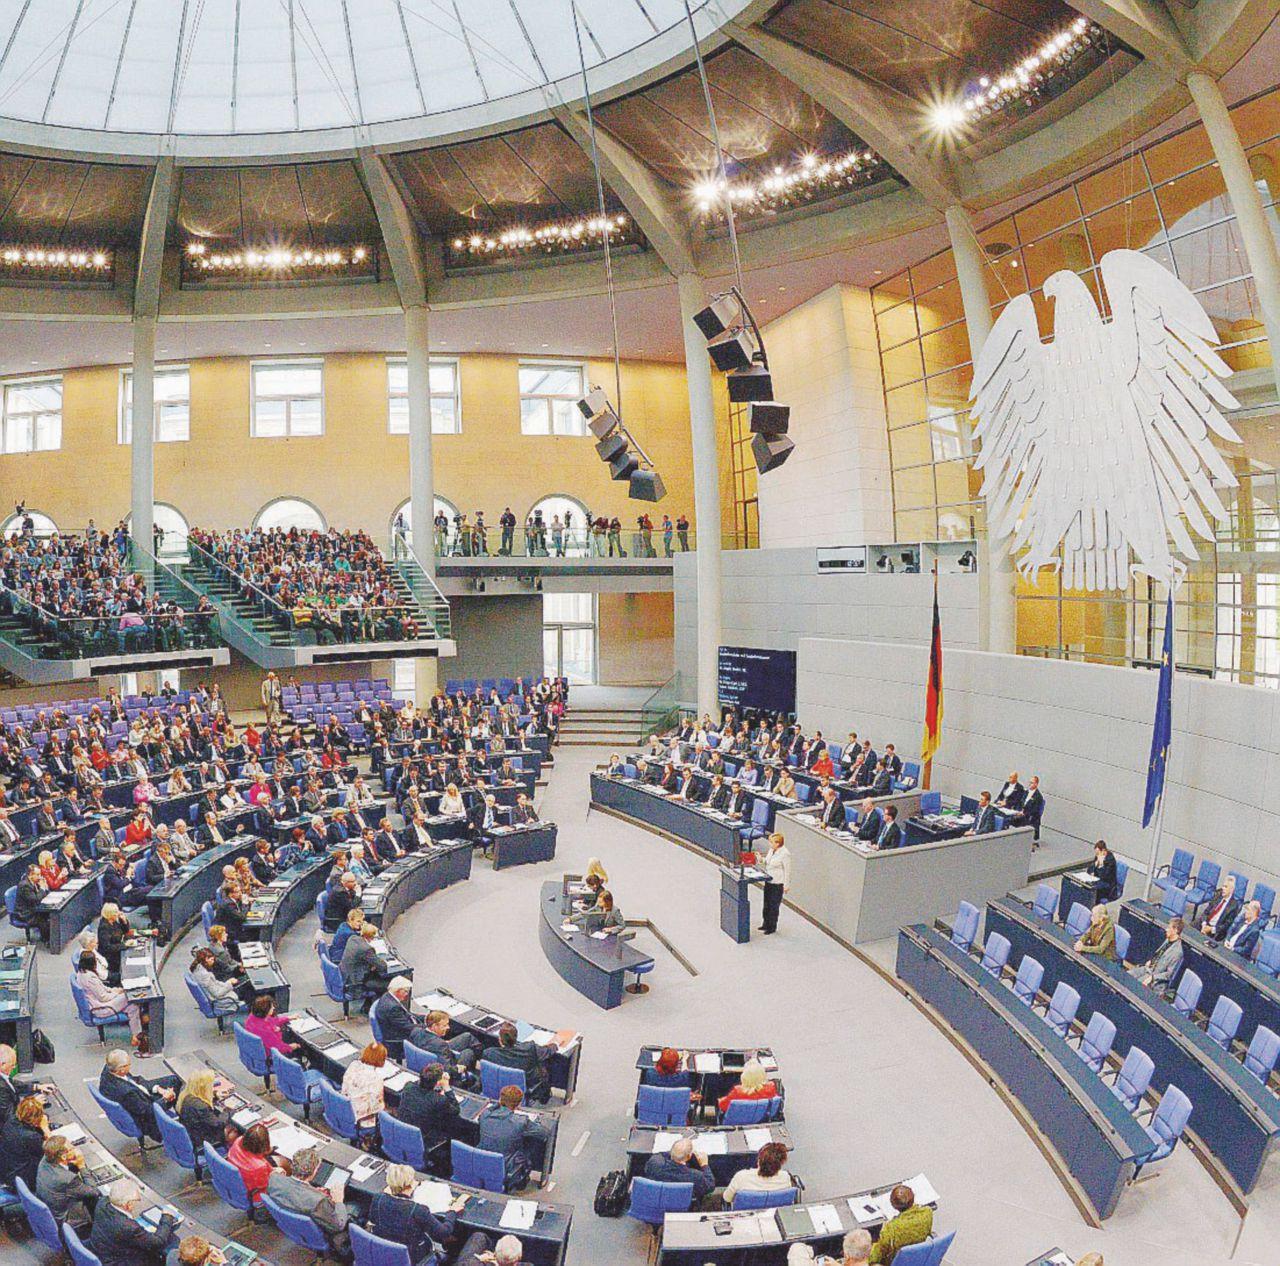 Banche e finanziarie, evasione da record a Berlino: 31 miliardi